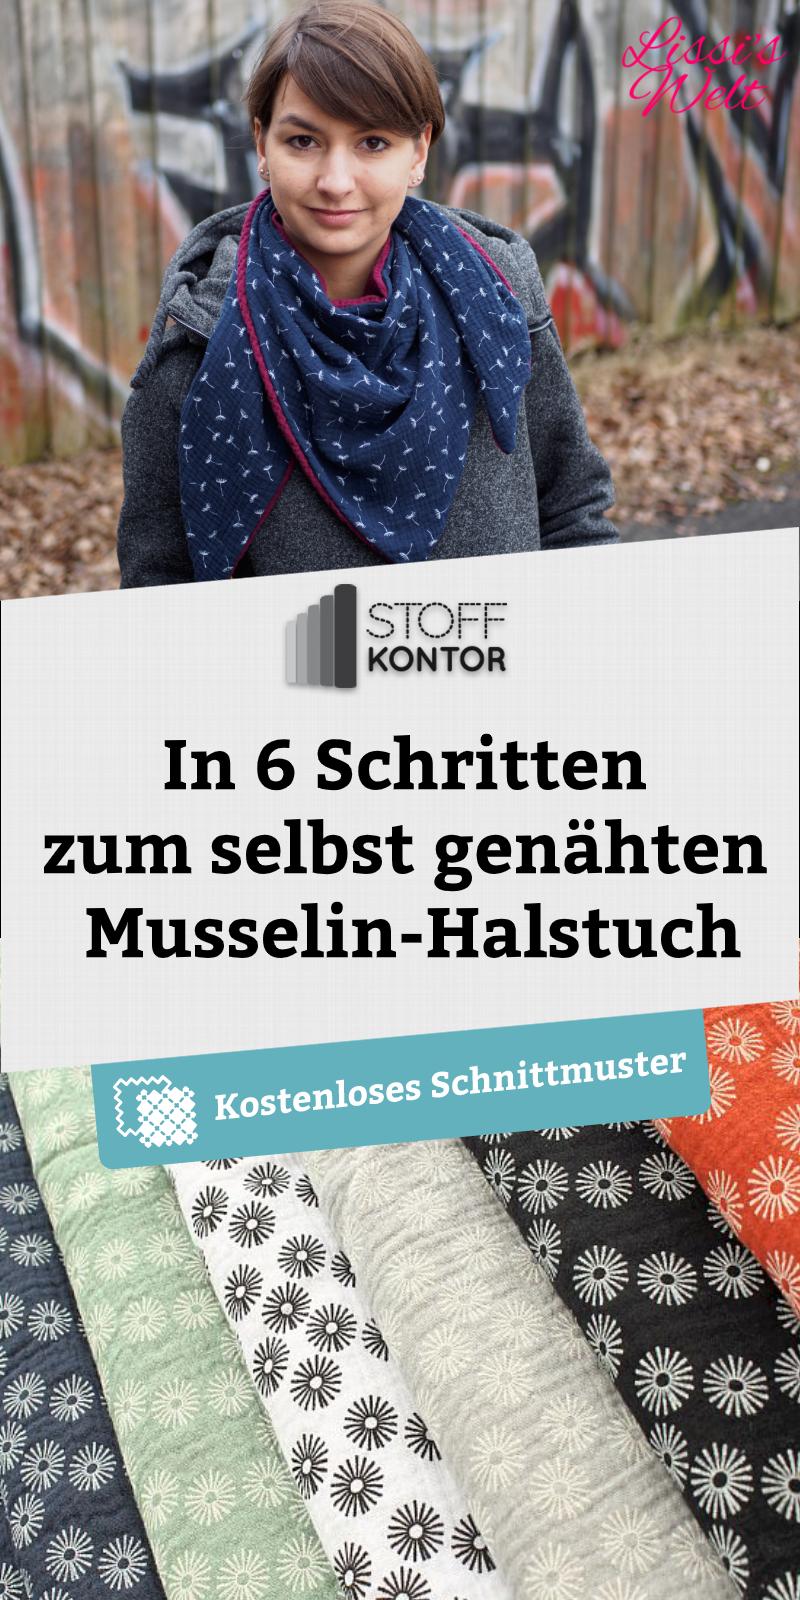 Photo of Kostenloses Schnittmuster für ein kuscheliges und weiches Musselin-Halstuch